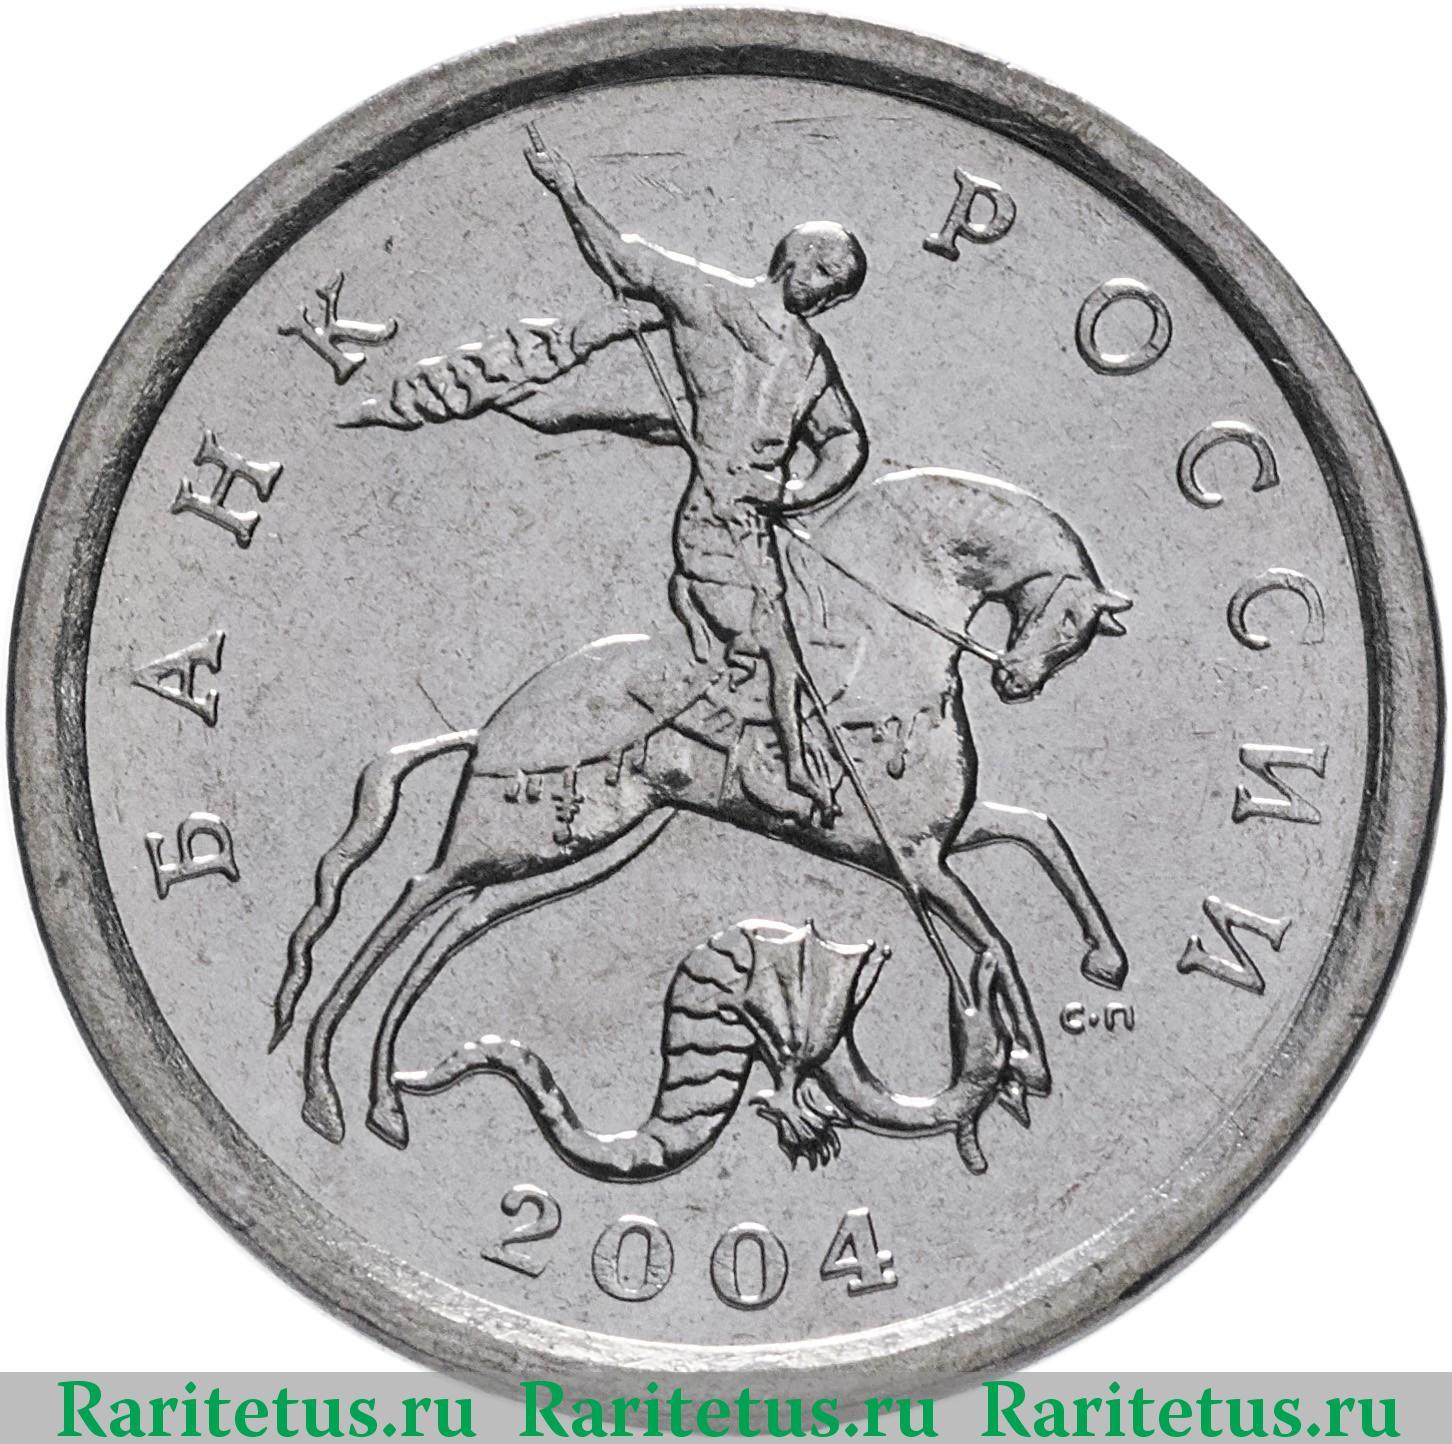 1 копейка 2004 года цена стоимость монеты украины колхозы и совхозы крыма